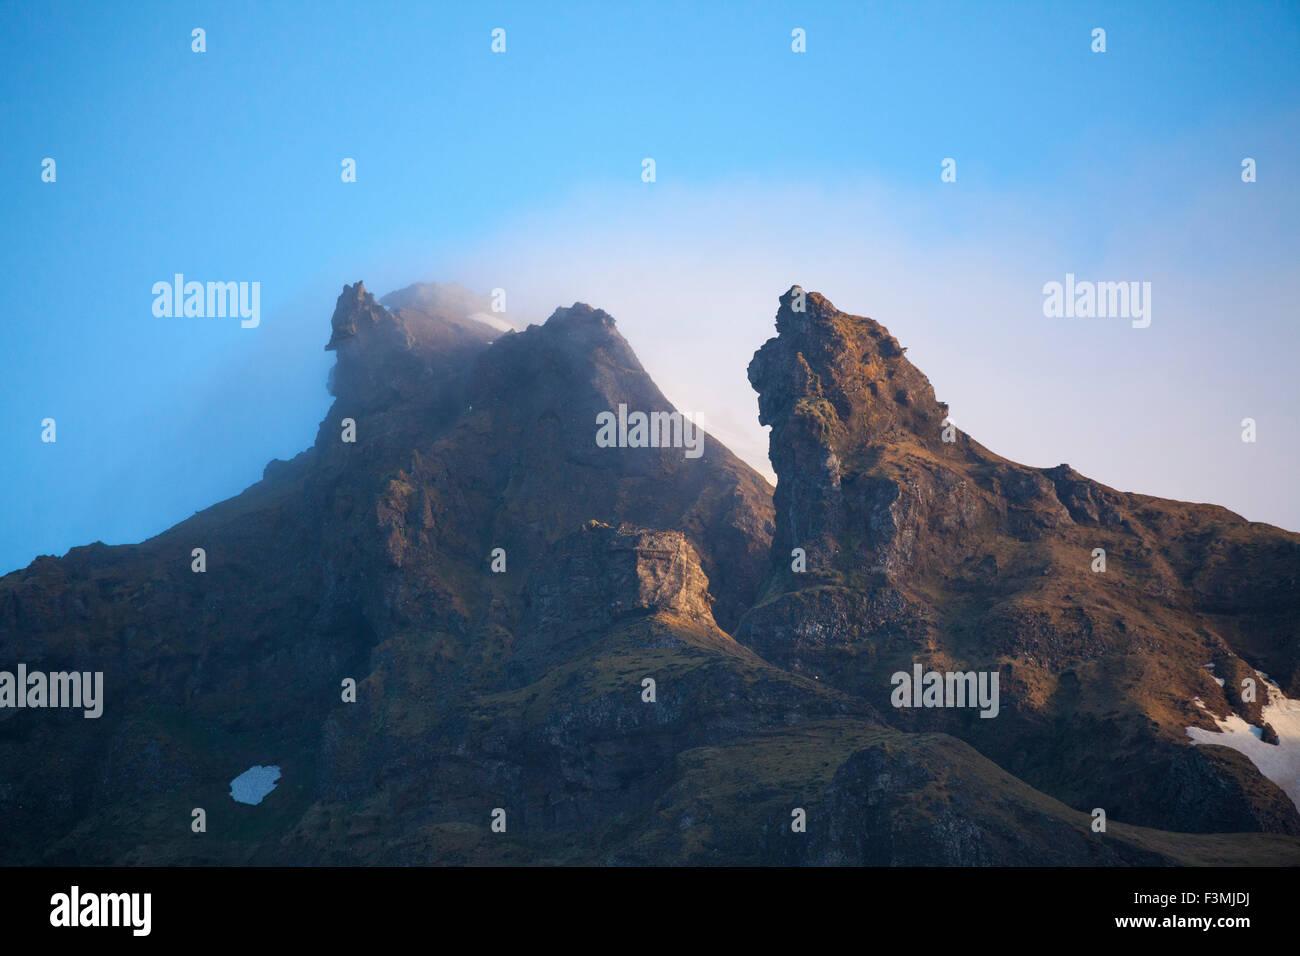 Berg pinnacles aus vulkanischem Gestein über Grundarfjordur, Halbinsel Snaefellsnes, Vesturland, Island. Stockbild